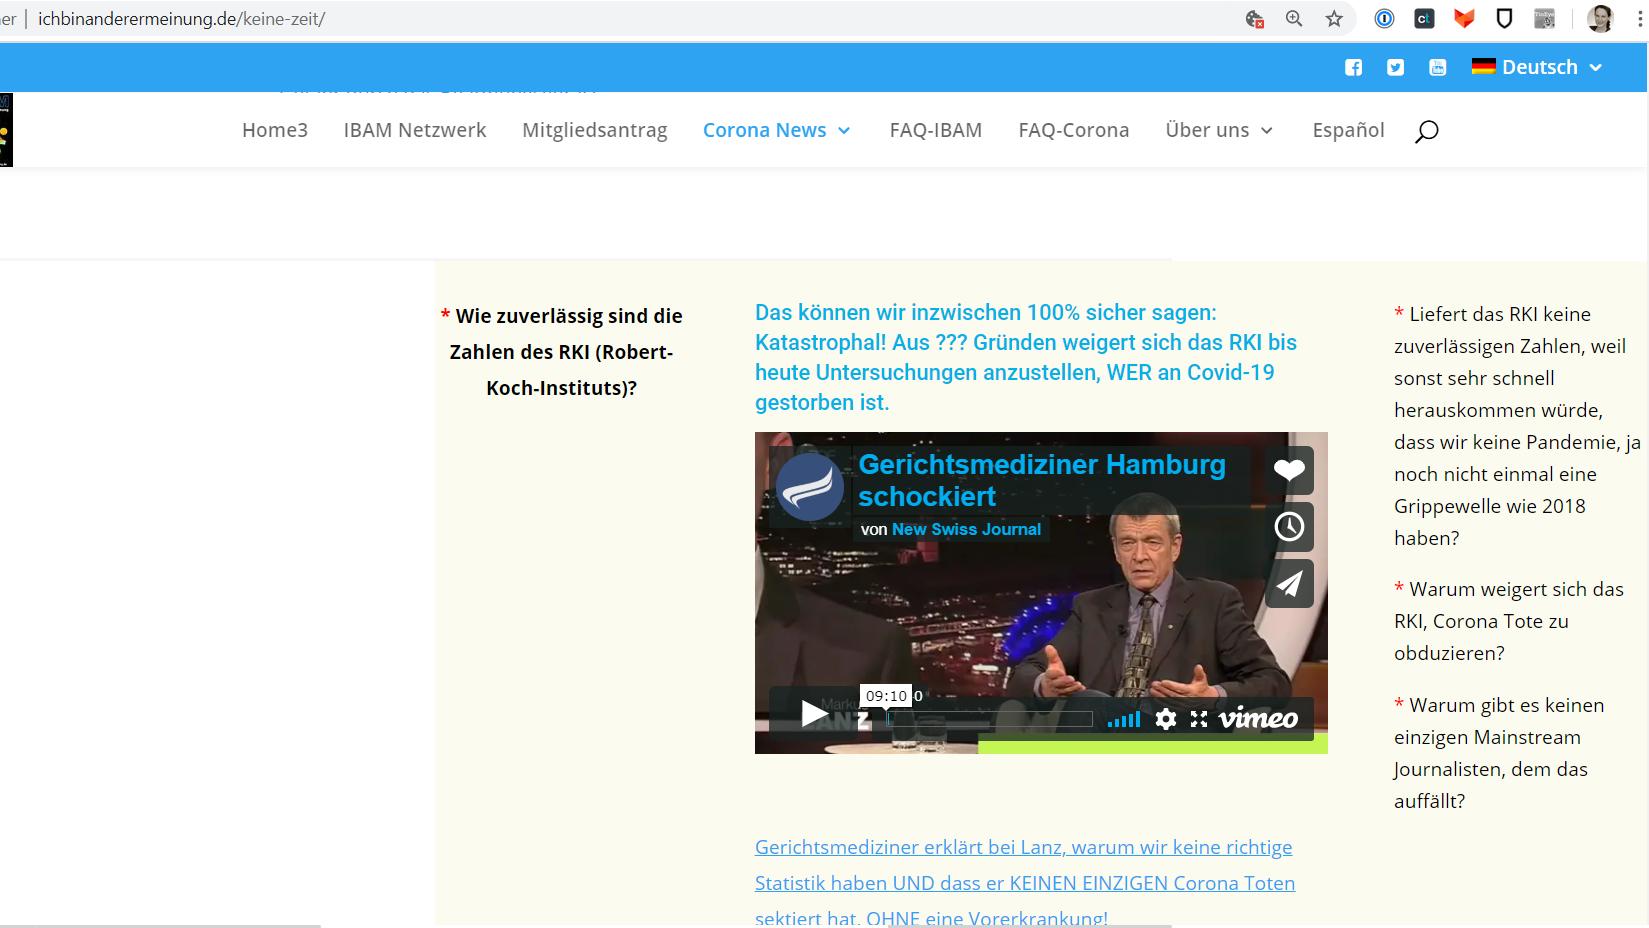 """Ein Screenshot der IBAM-Webseite mit dem Vorwurf, das RKI weigere sich """"Tote zu obduzieren""""."""